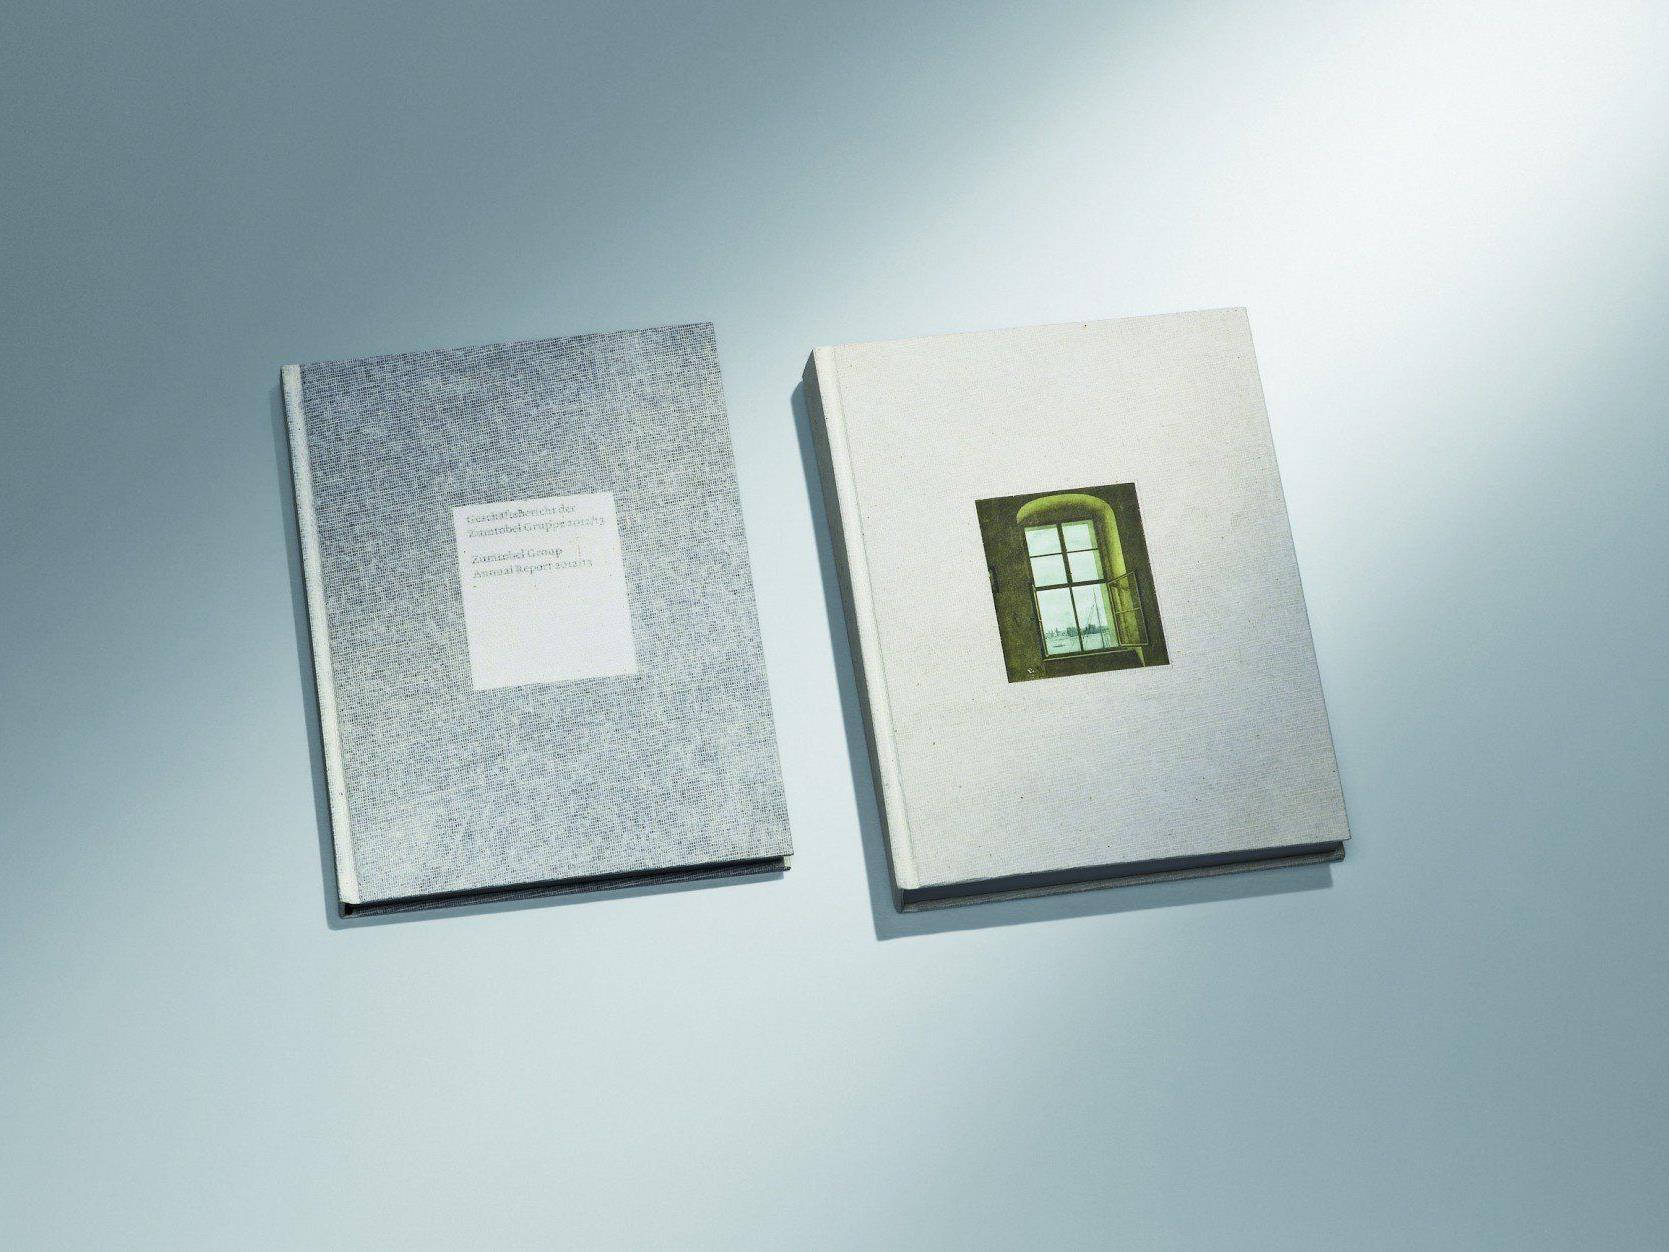 Künstlerischer Geschäftsbericht 2012/13 der Zumtobel Gruppe